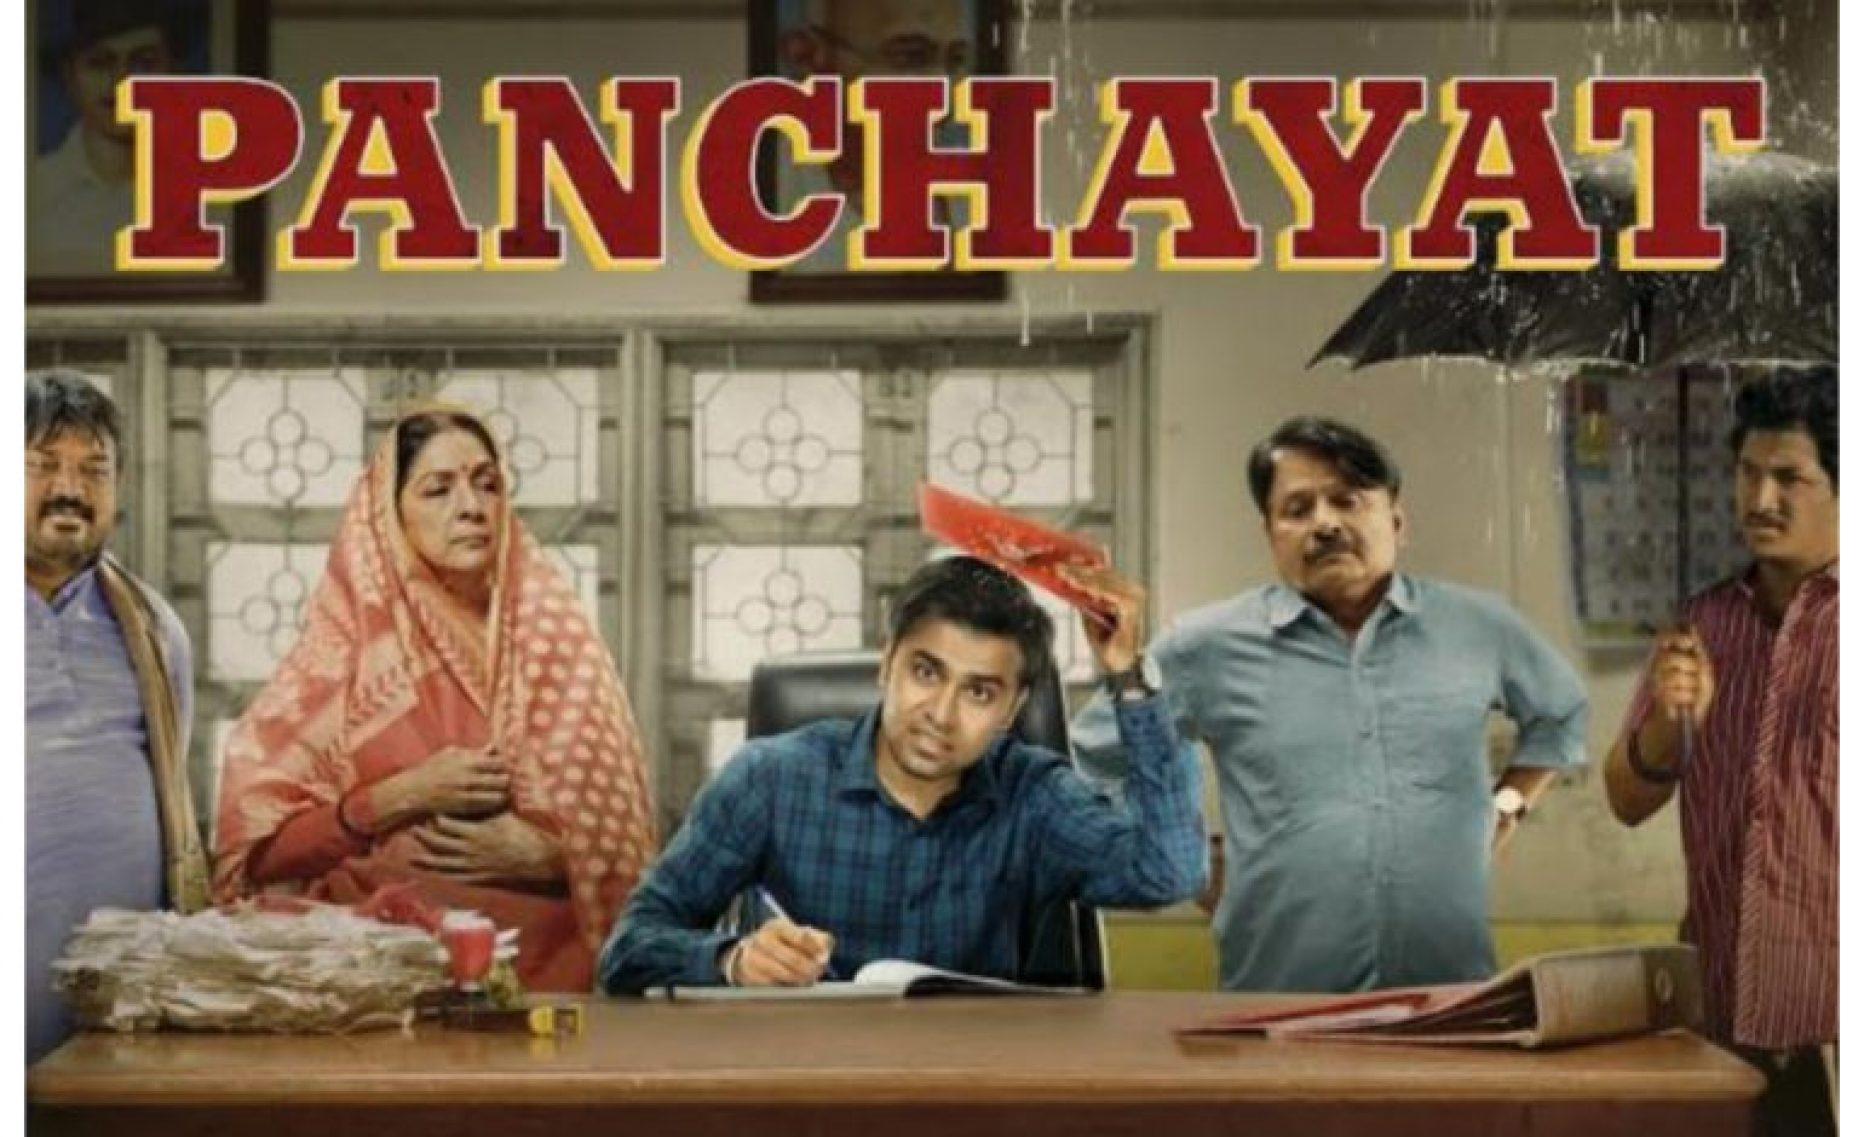 Amazon Prime Panchayat Review, Release Date, Cast, Trailer